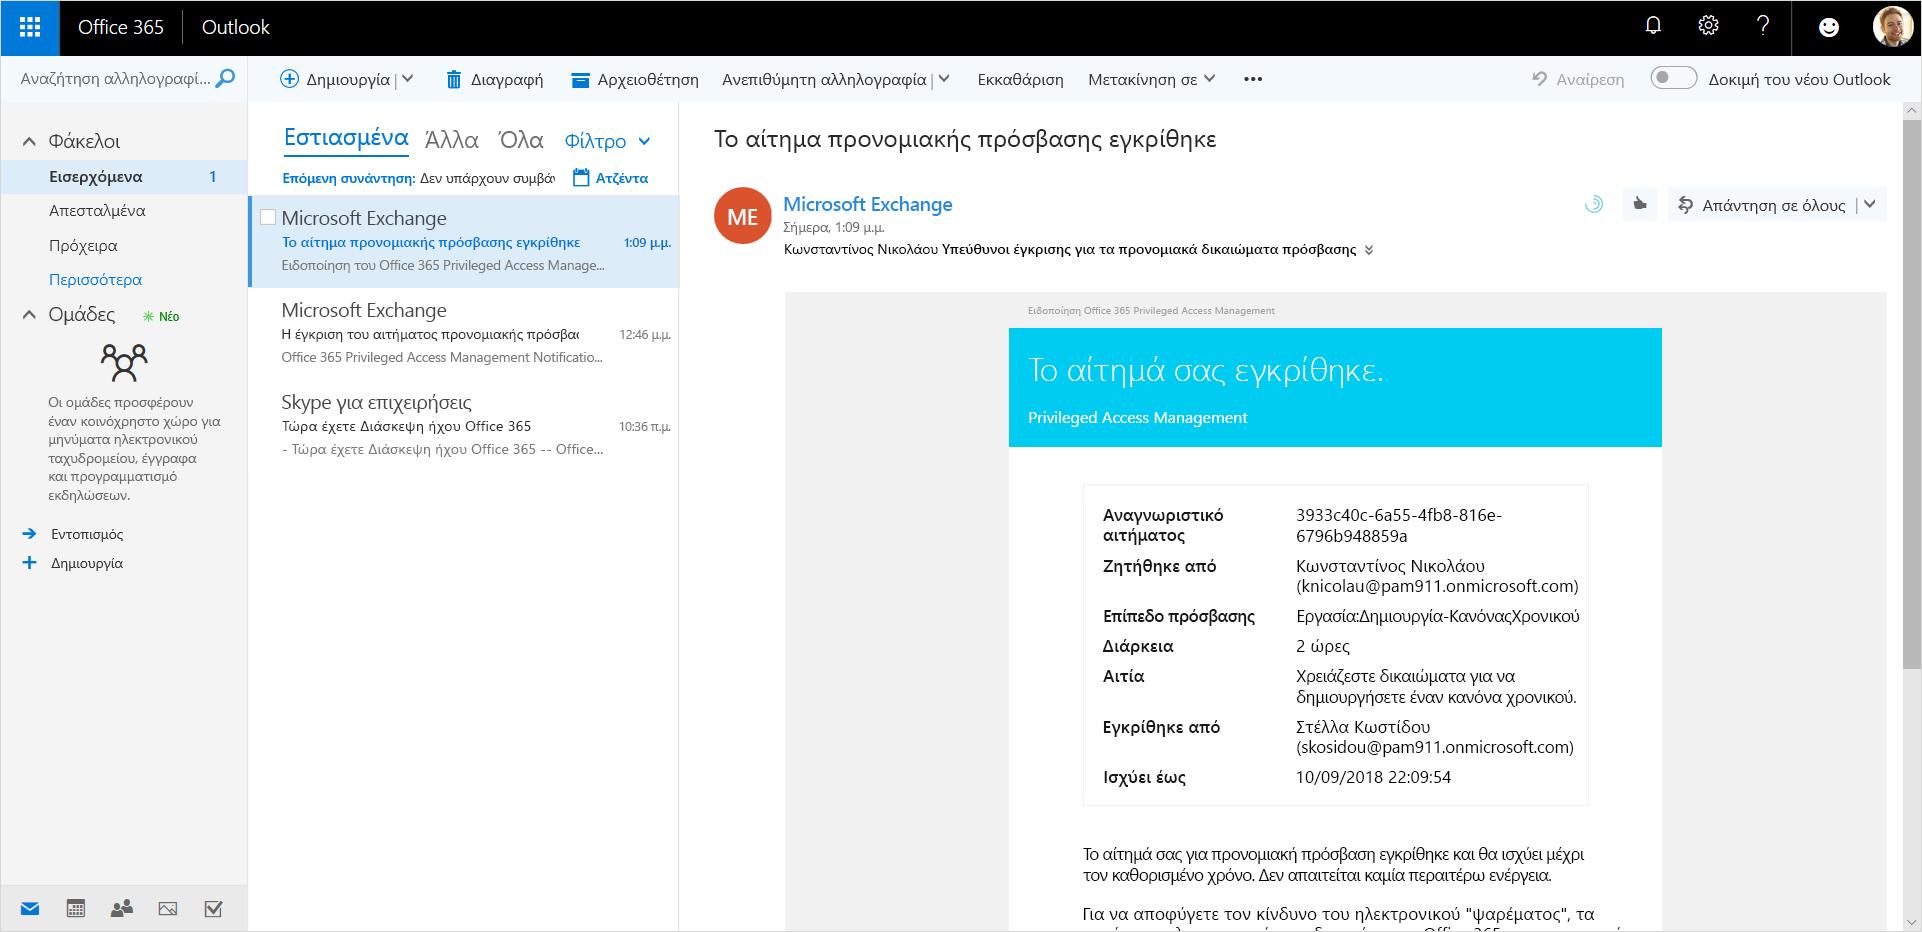 Εικόνα που εμφανίζει μια εγκεκριμένη αίτηση προνομιακής πρόσβασης στο Outlook.